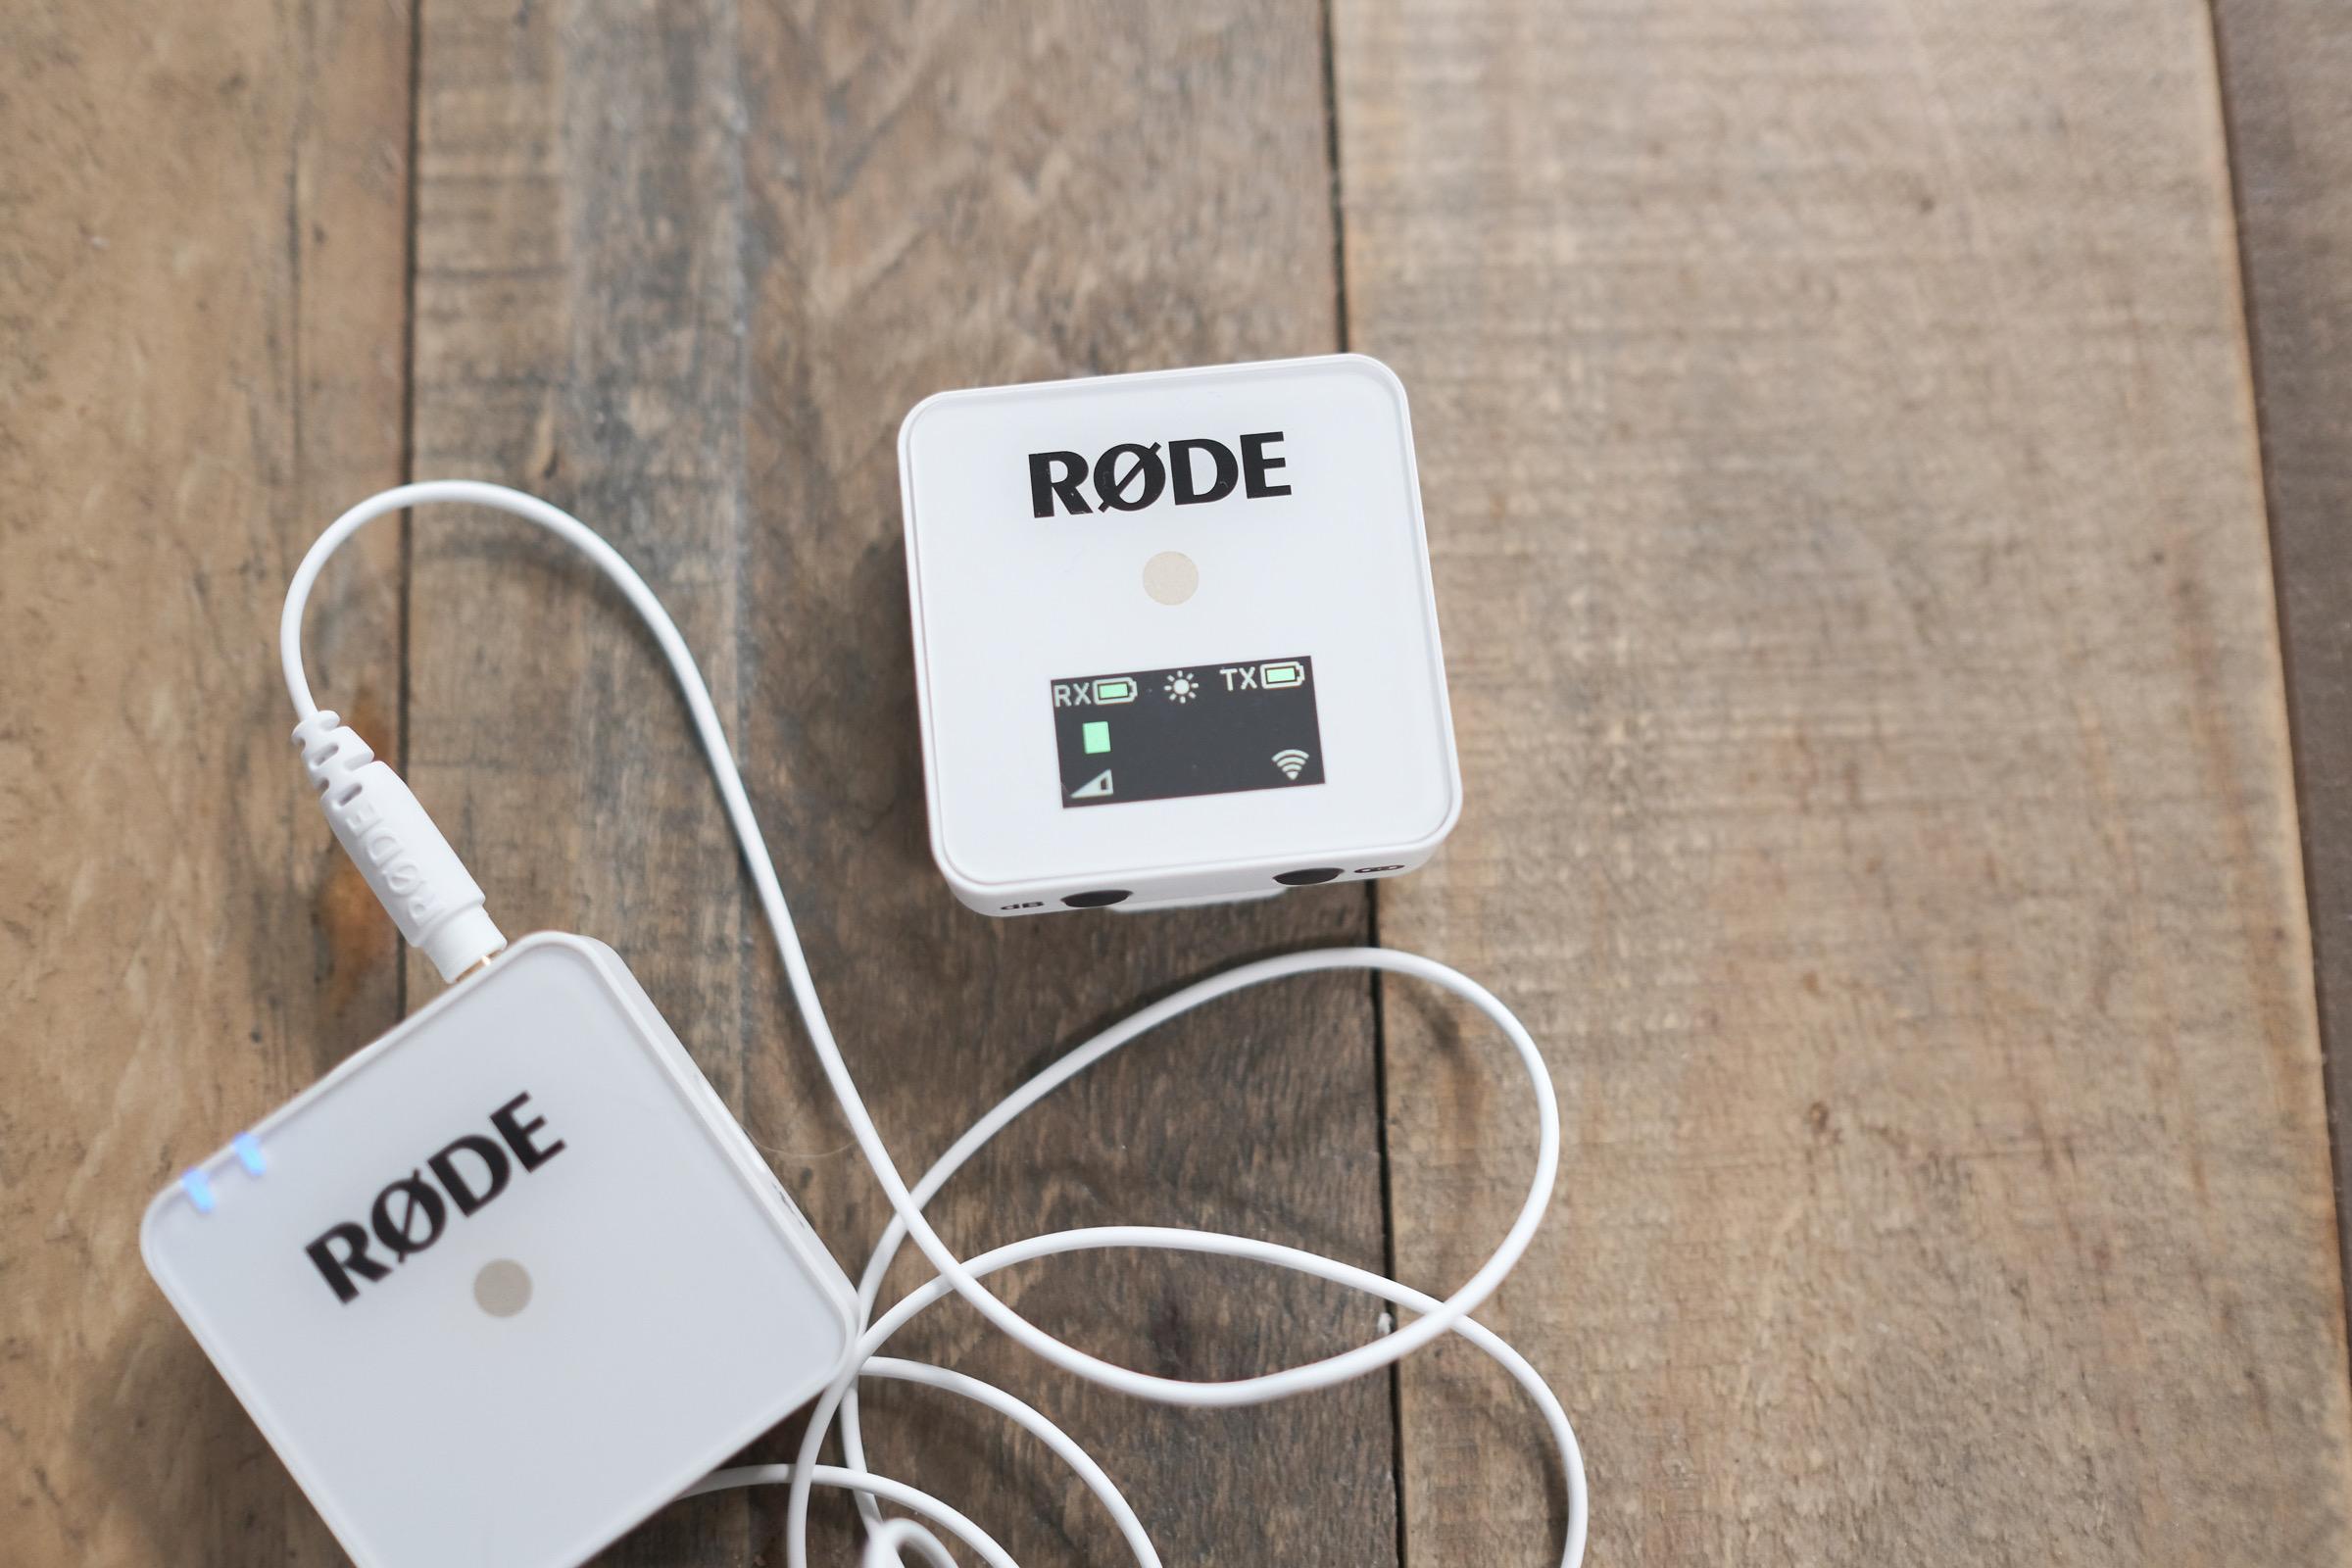 Новый белый беспроводный GO и аксессуары Rode расширяют возможности самого универсального микрофона-создателя 2020 аксессуар, микрофон